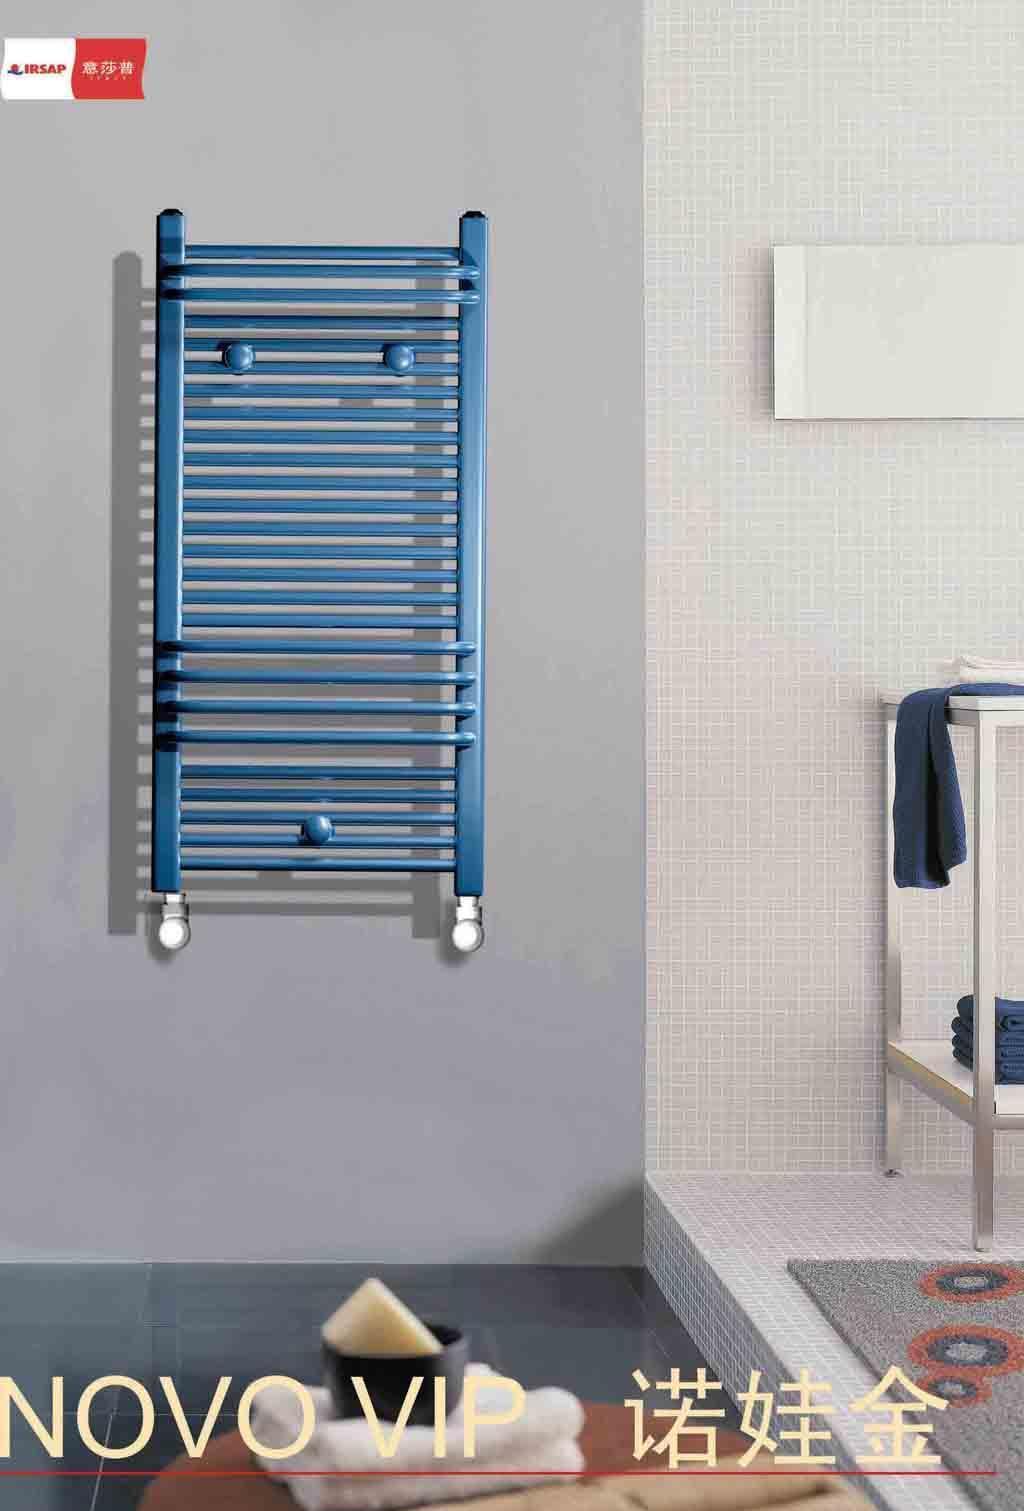 意莎普卫浴系列散热器诺娃金.NVP612NVP612